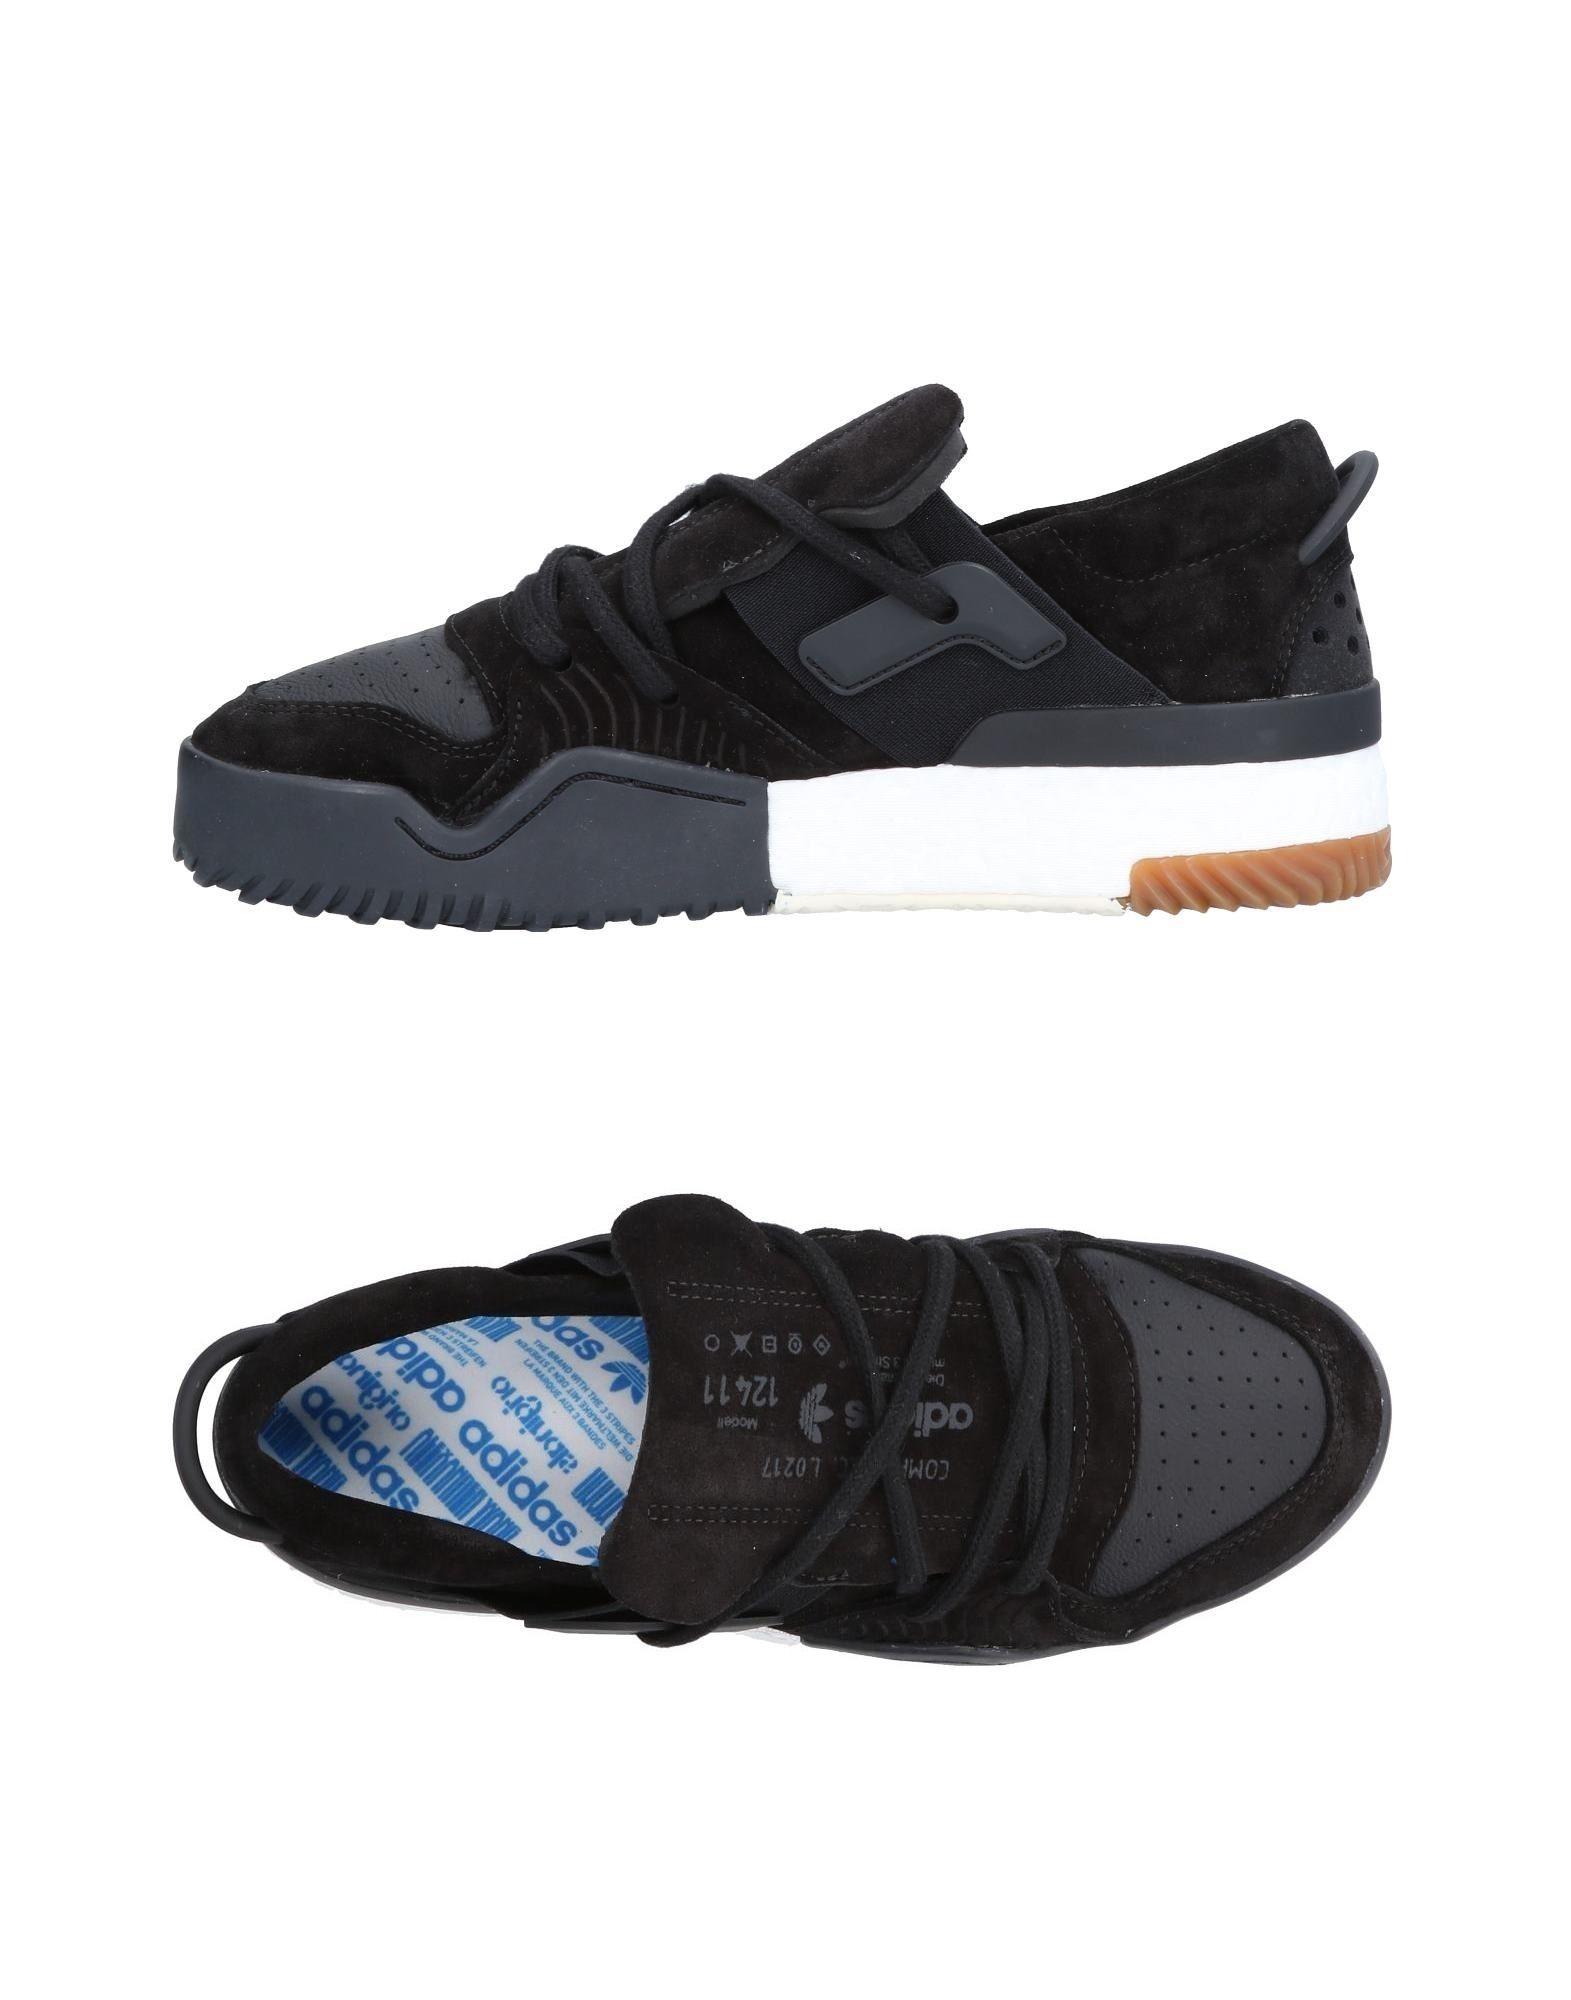 Moda Sneakers Adidas Uomo - 11500932UH